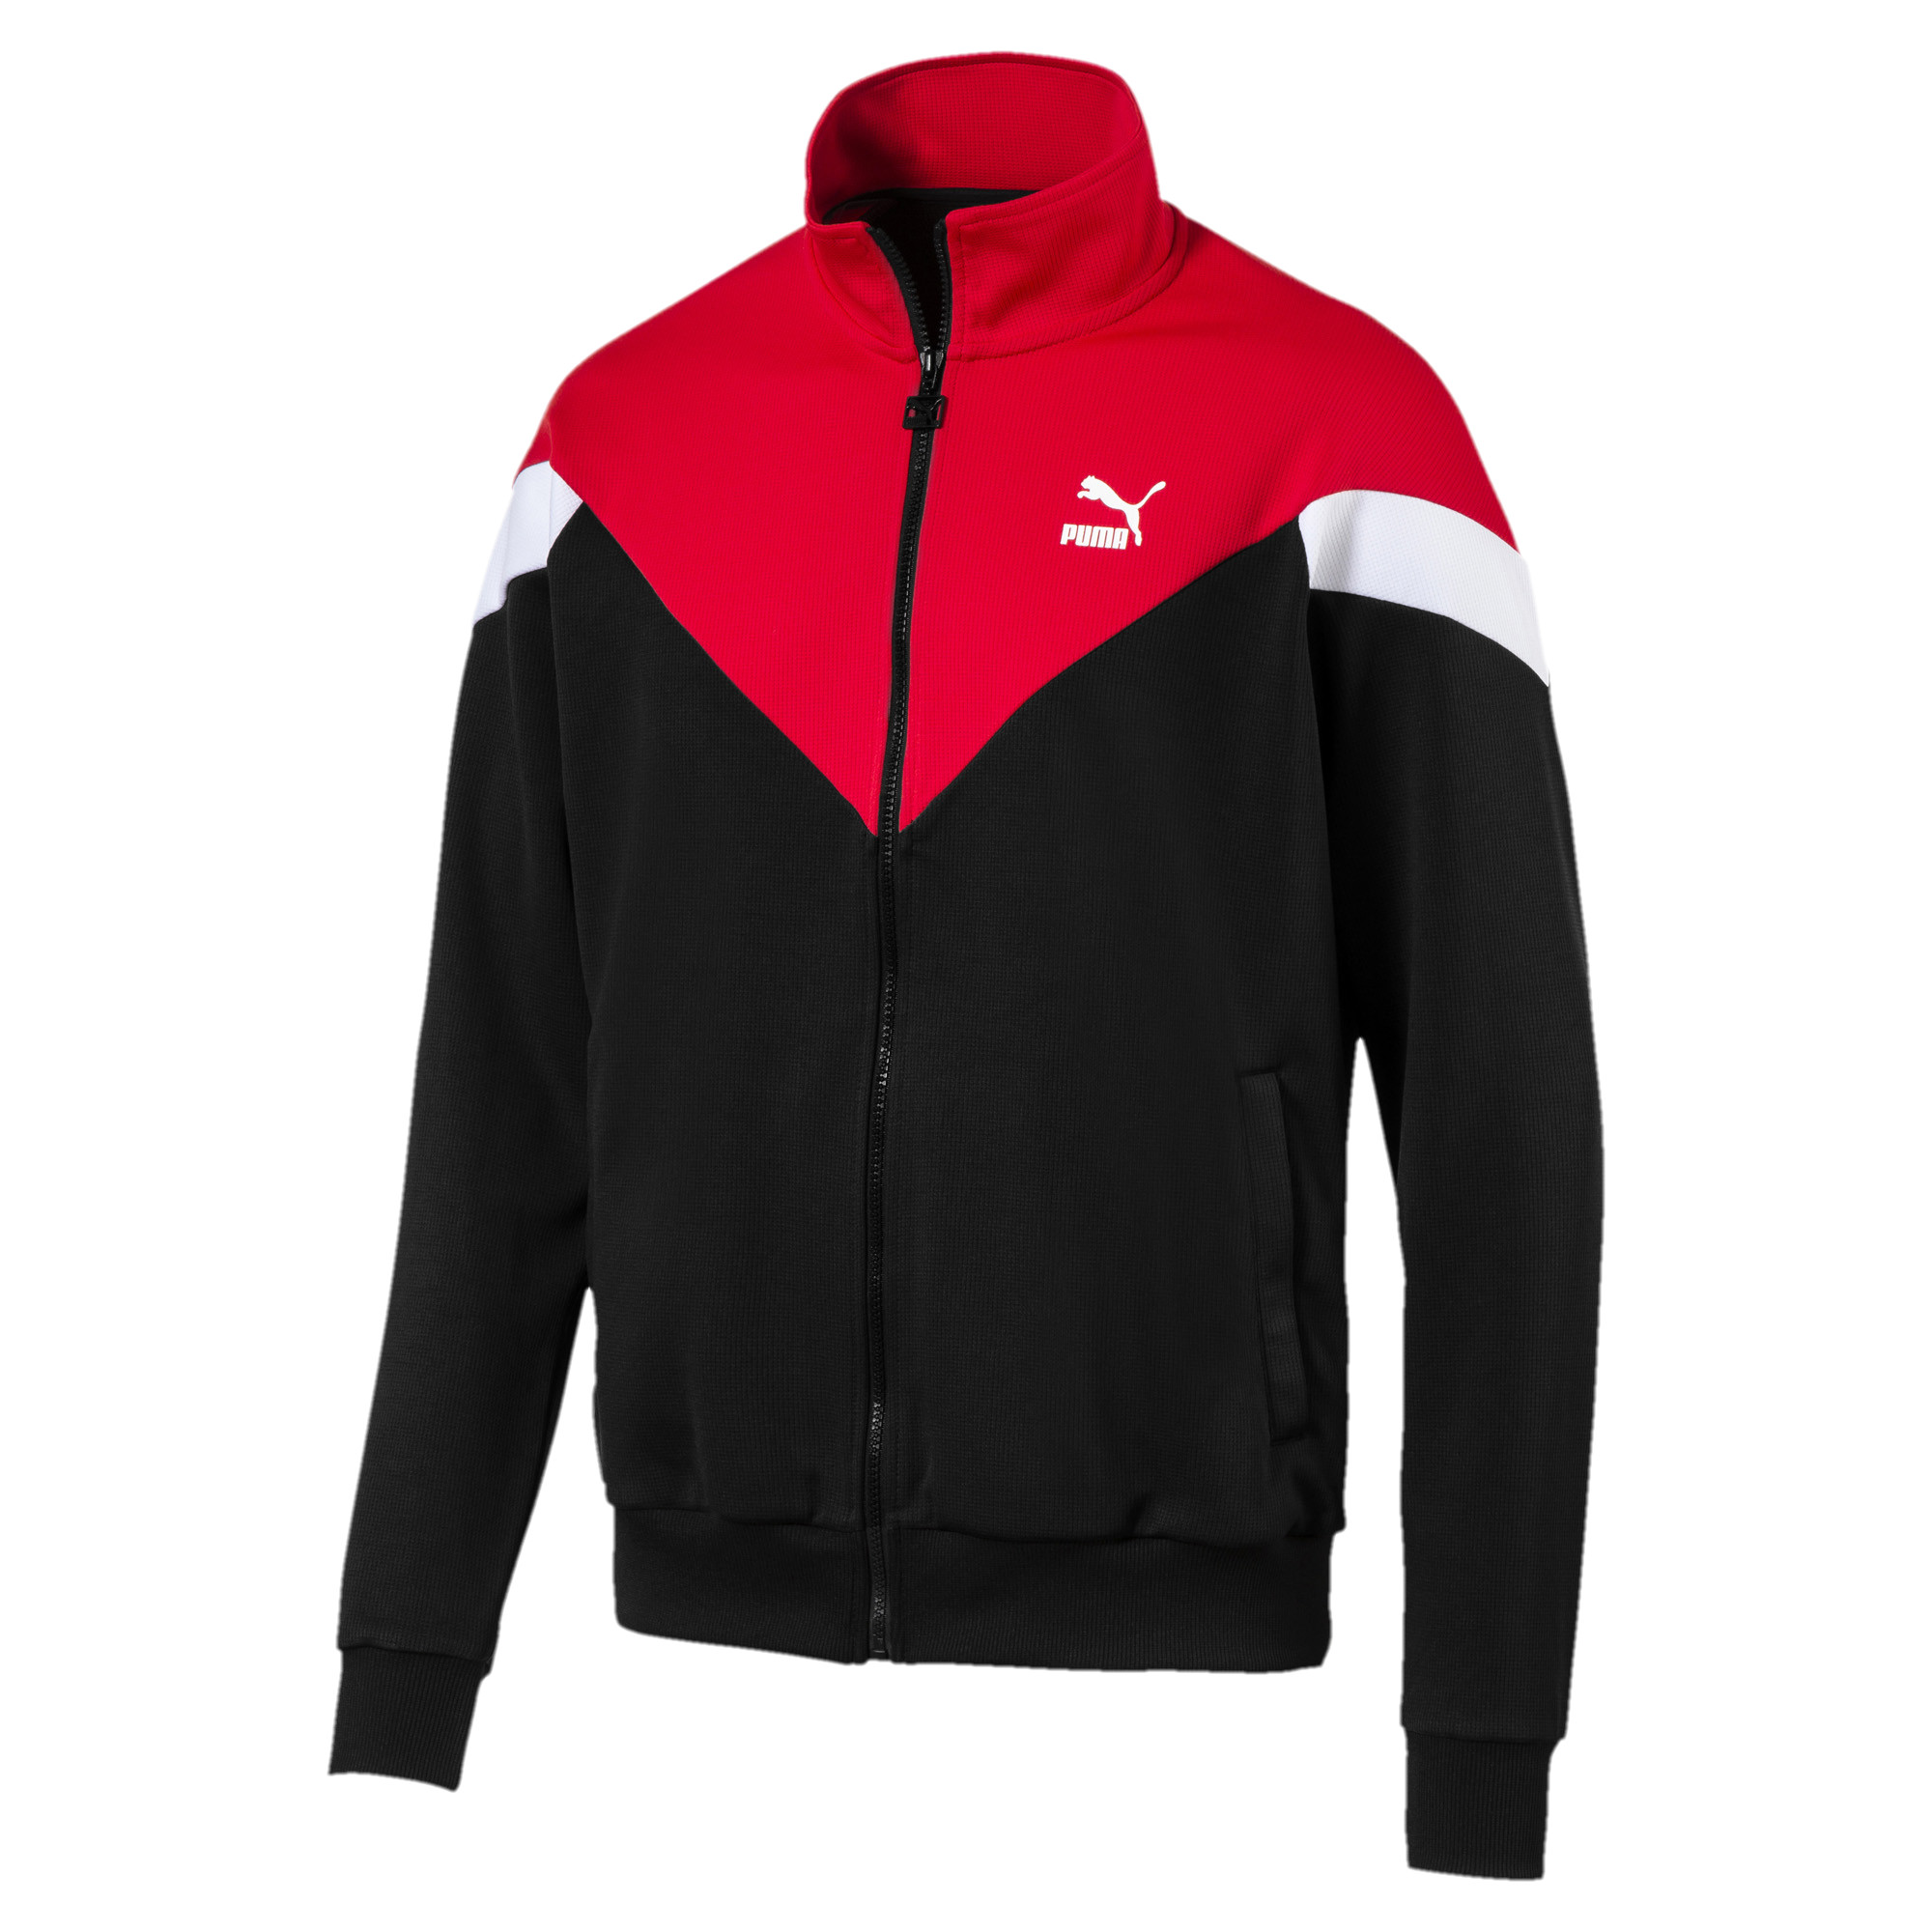 Image Puma Iconic MCS Mesh Men's Track Jacket #4